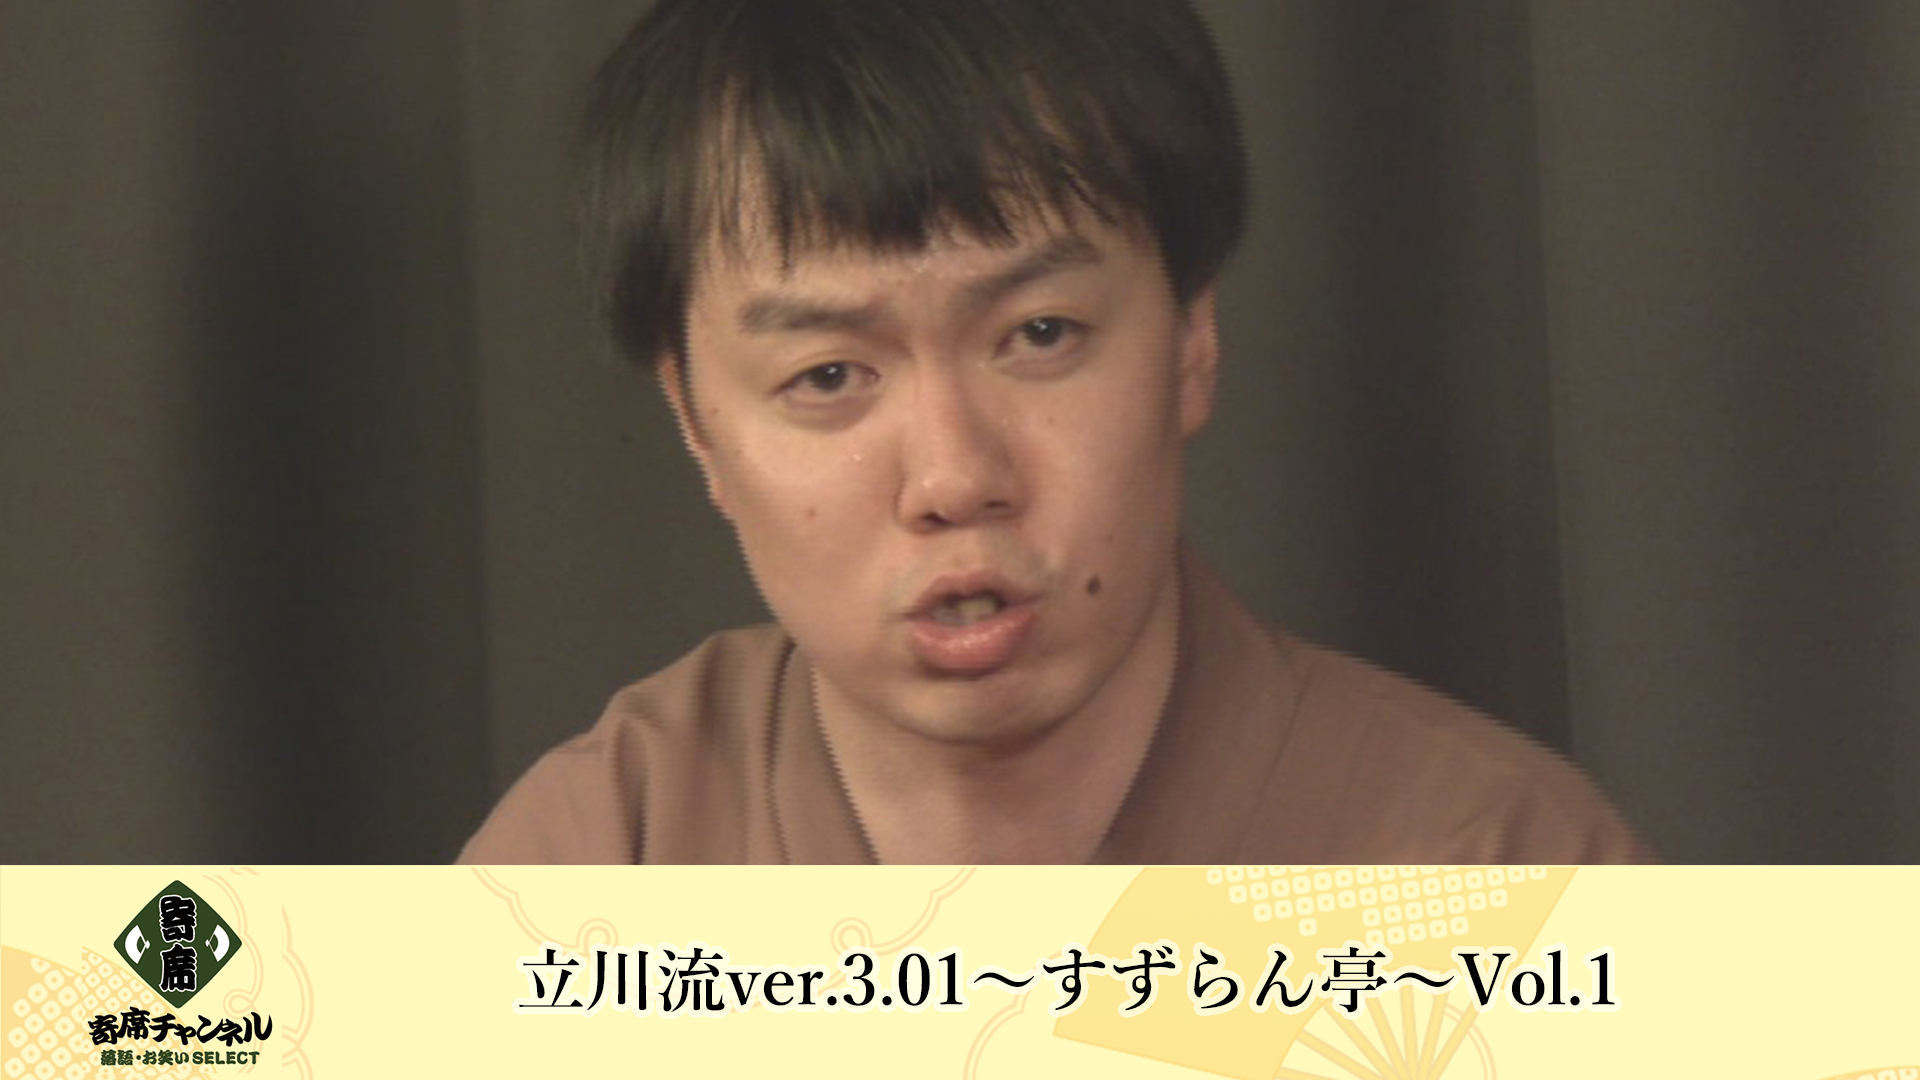 立川流ver.3.01~すずらん亭~ Vol.1【寄席チャンネルSELECT】